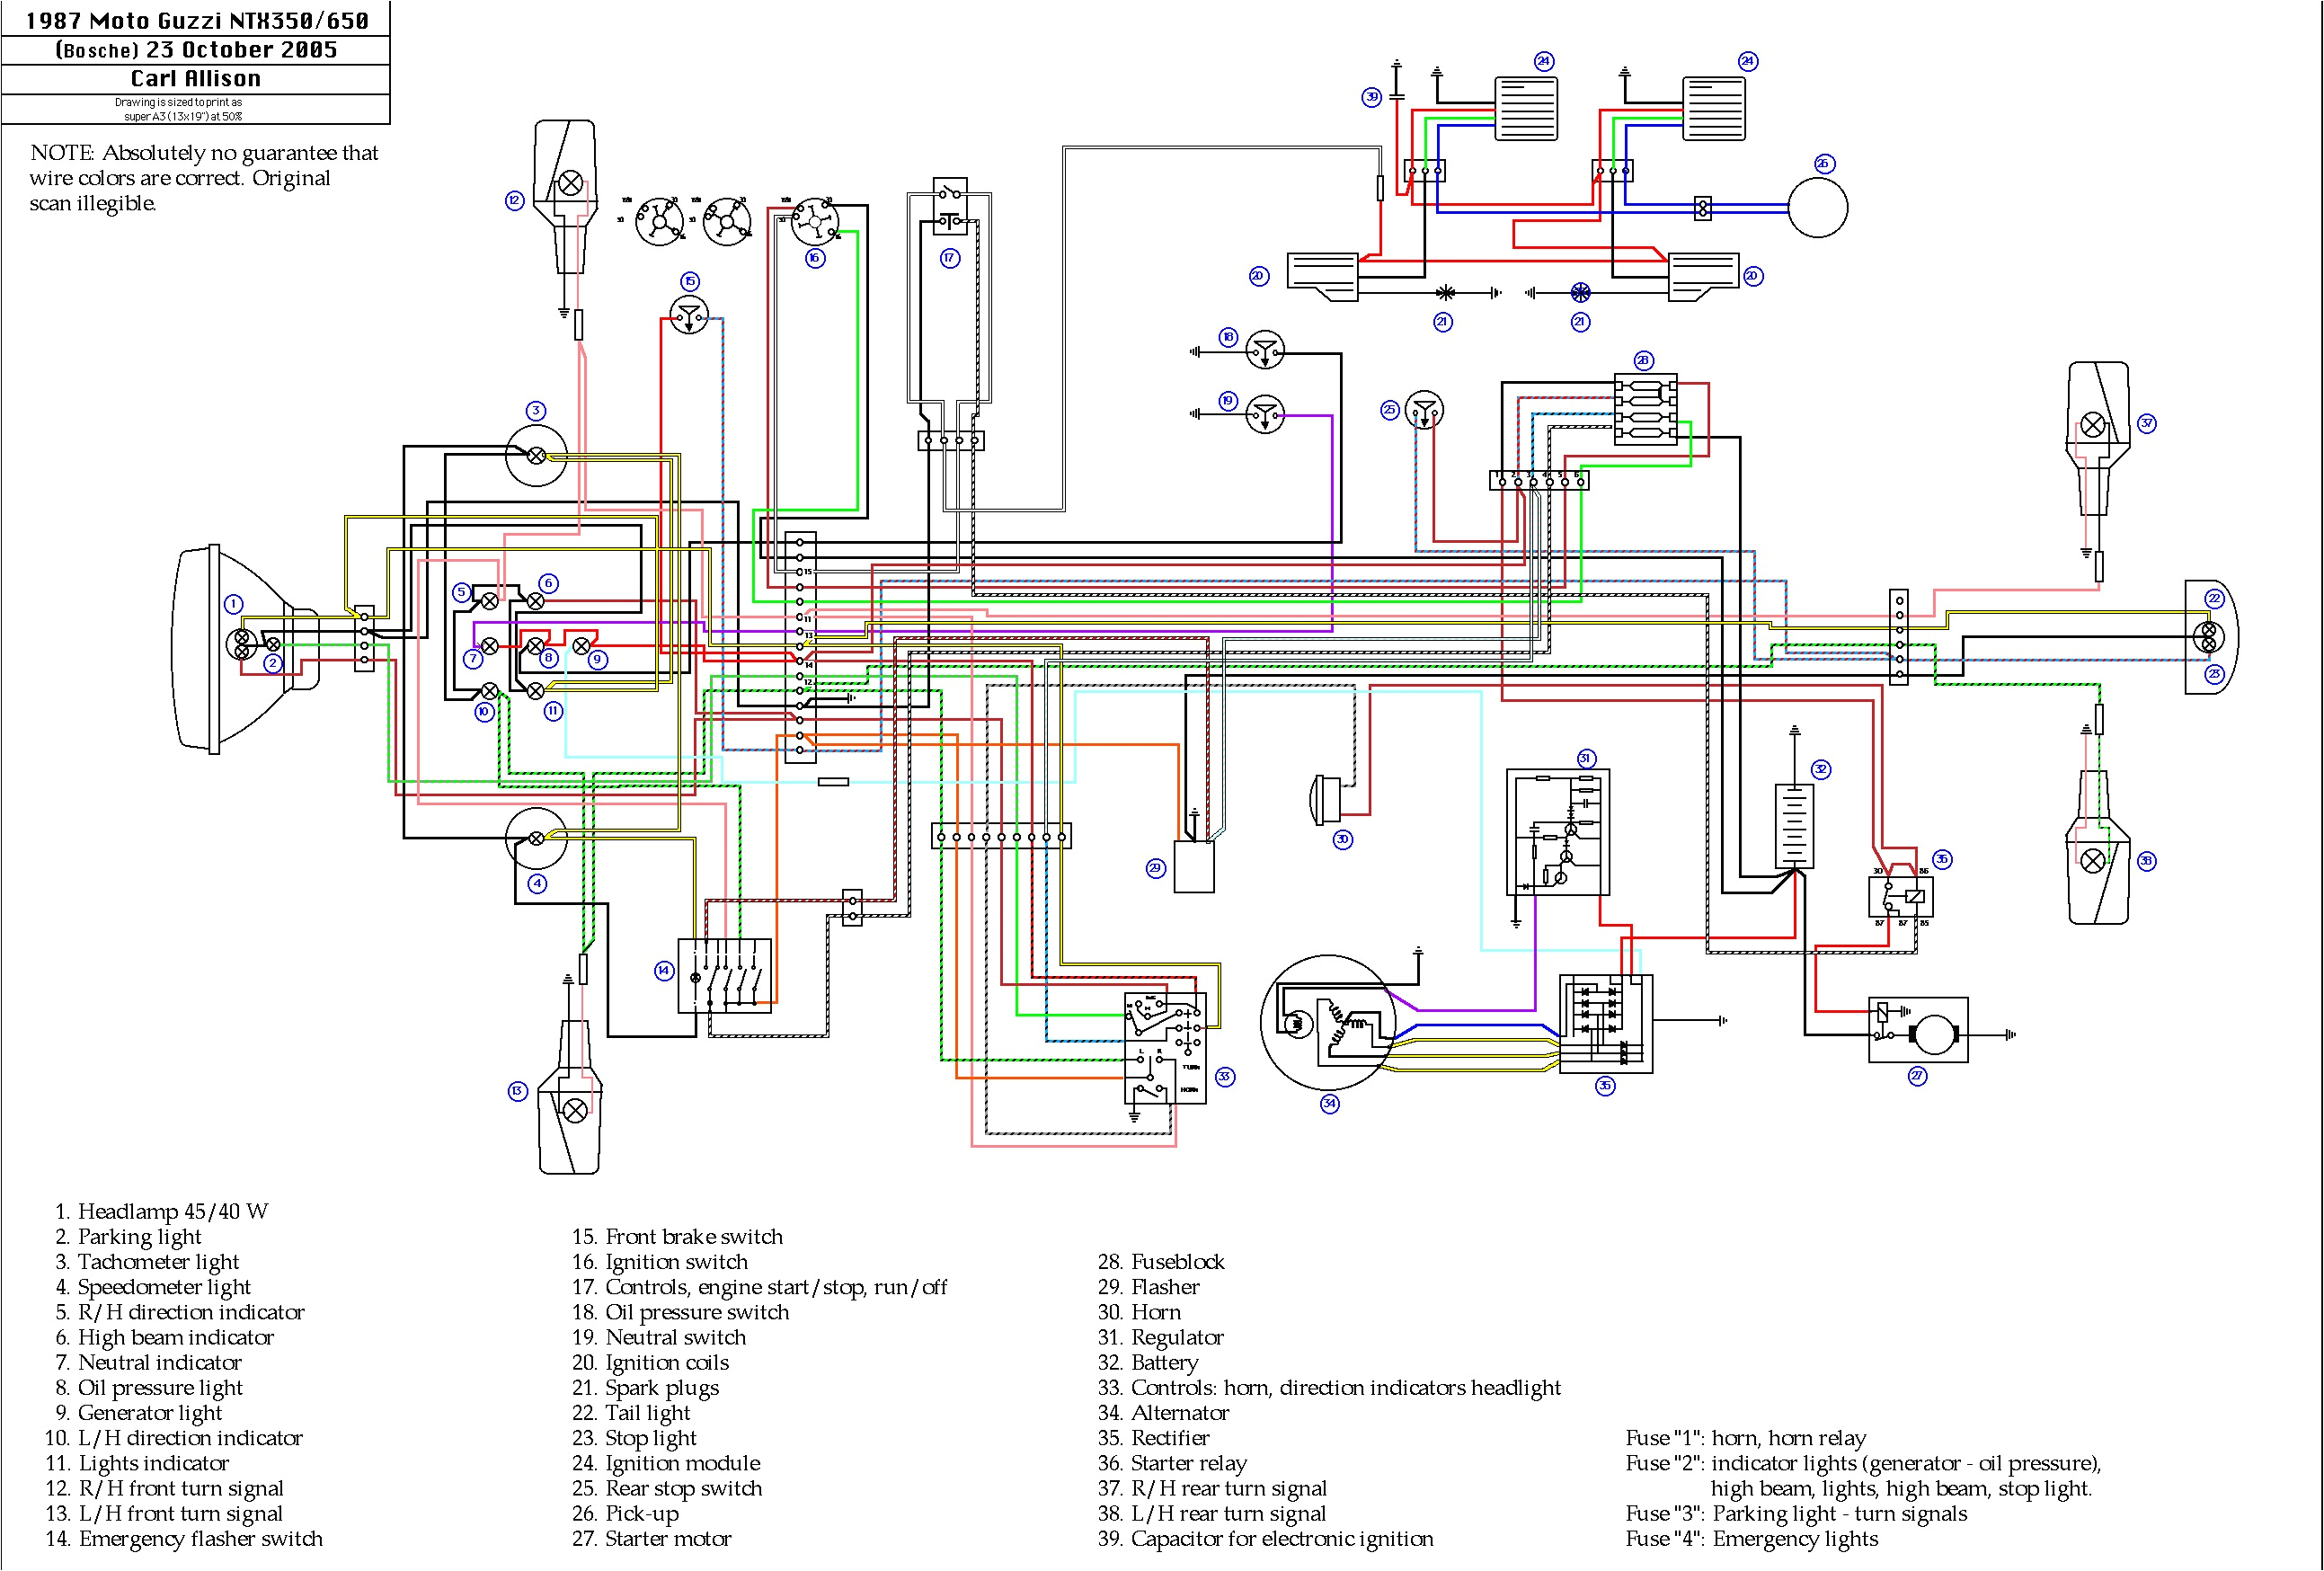 yamaha dt 250 wiring diagram wiring diagram blog yamaha 50 wiring diagram wiring diagram review yamaha